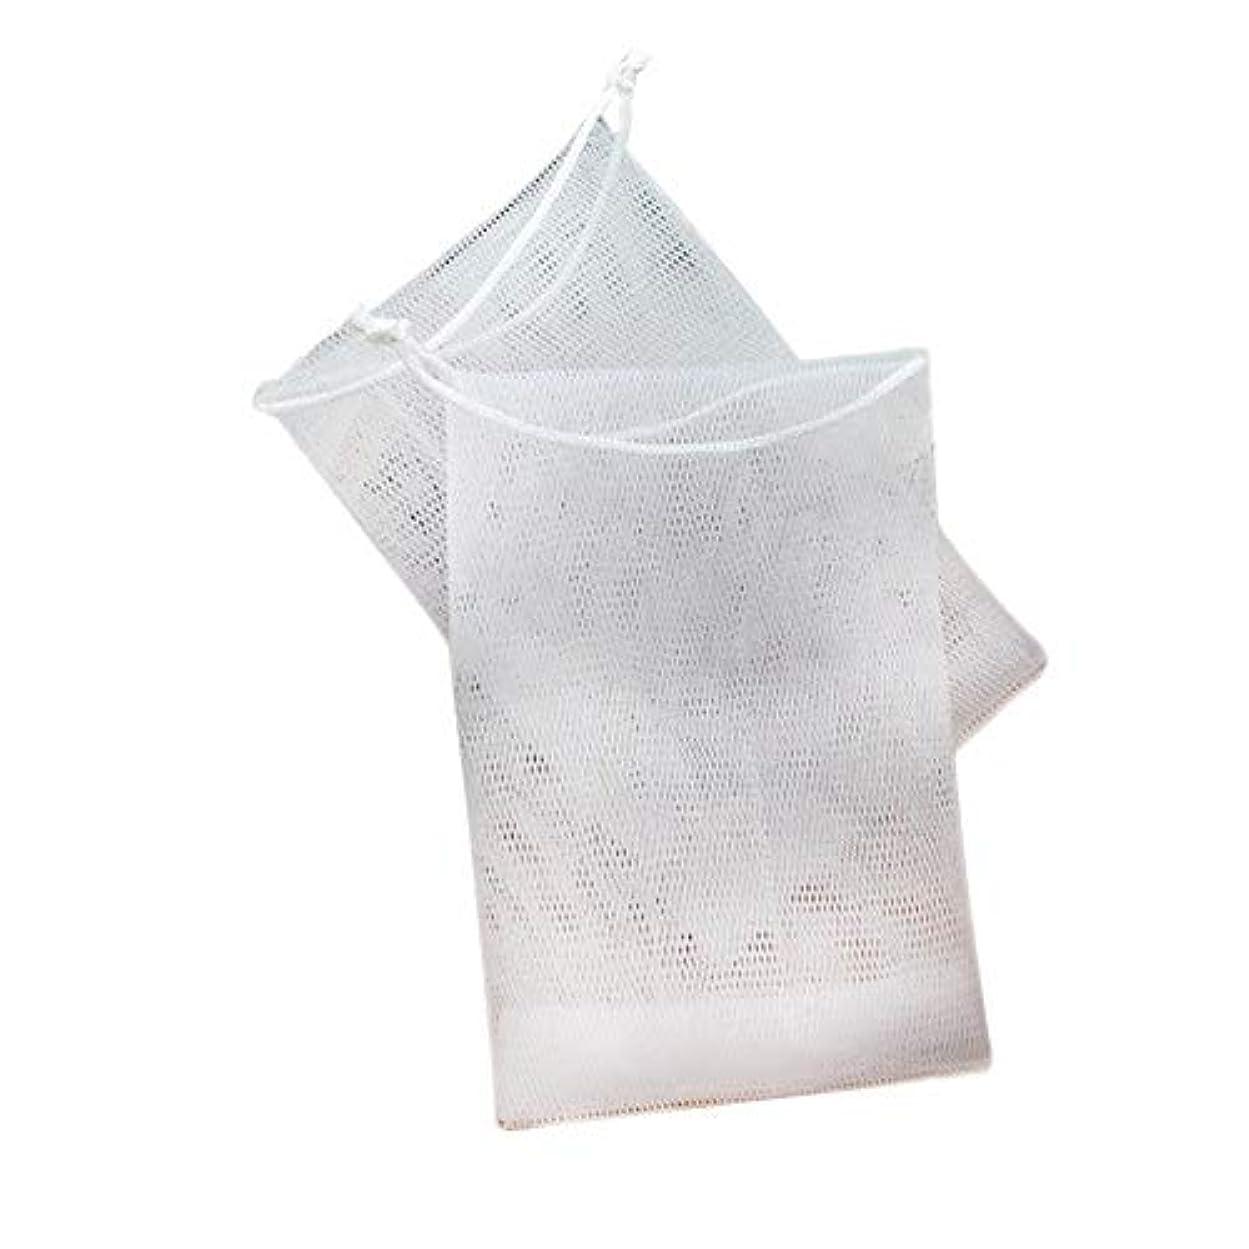 シプリーフォーマット最小化する石鹸の袋の網のドローストリング袋は ハンドメイドの石鹸の泡泡ネットメーカーのために掛けることができます 12×9cm